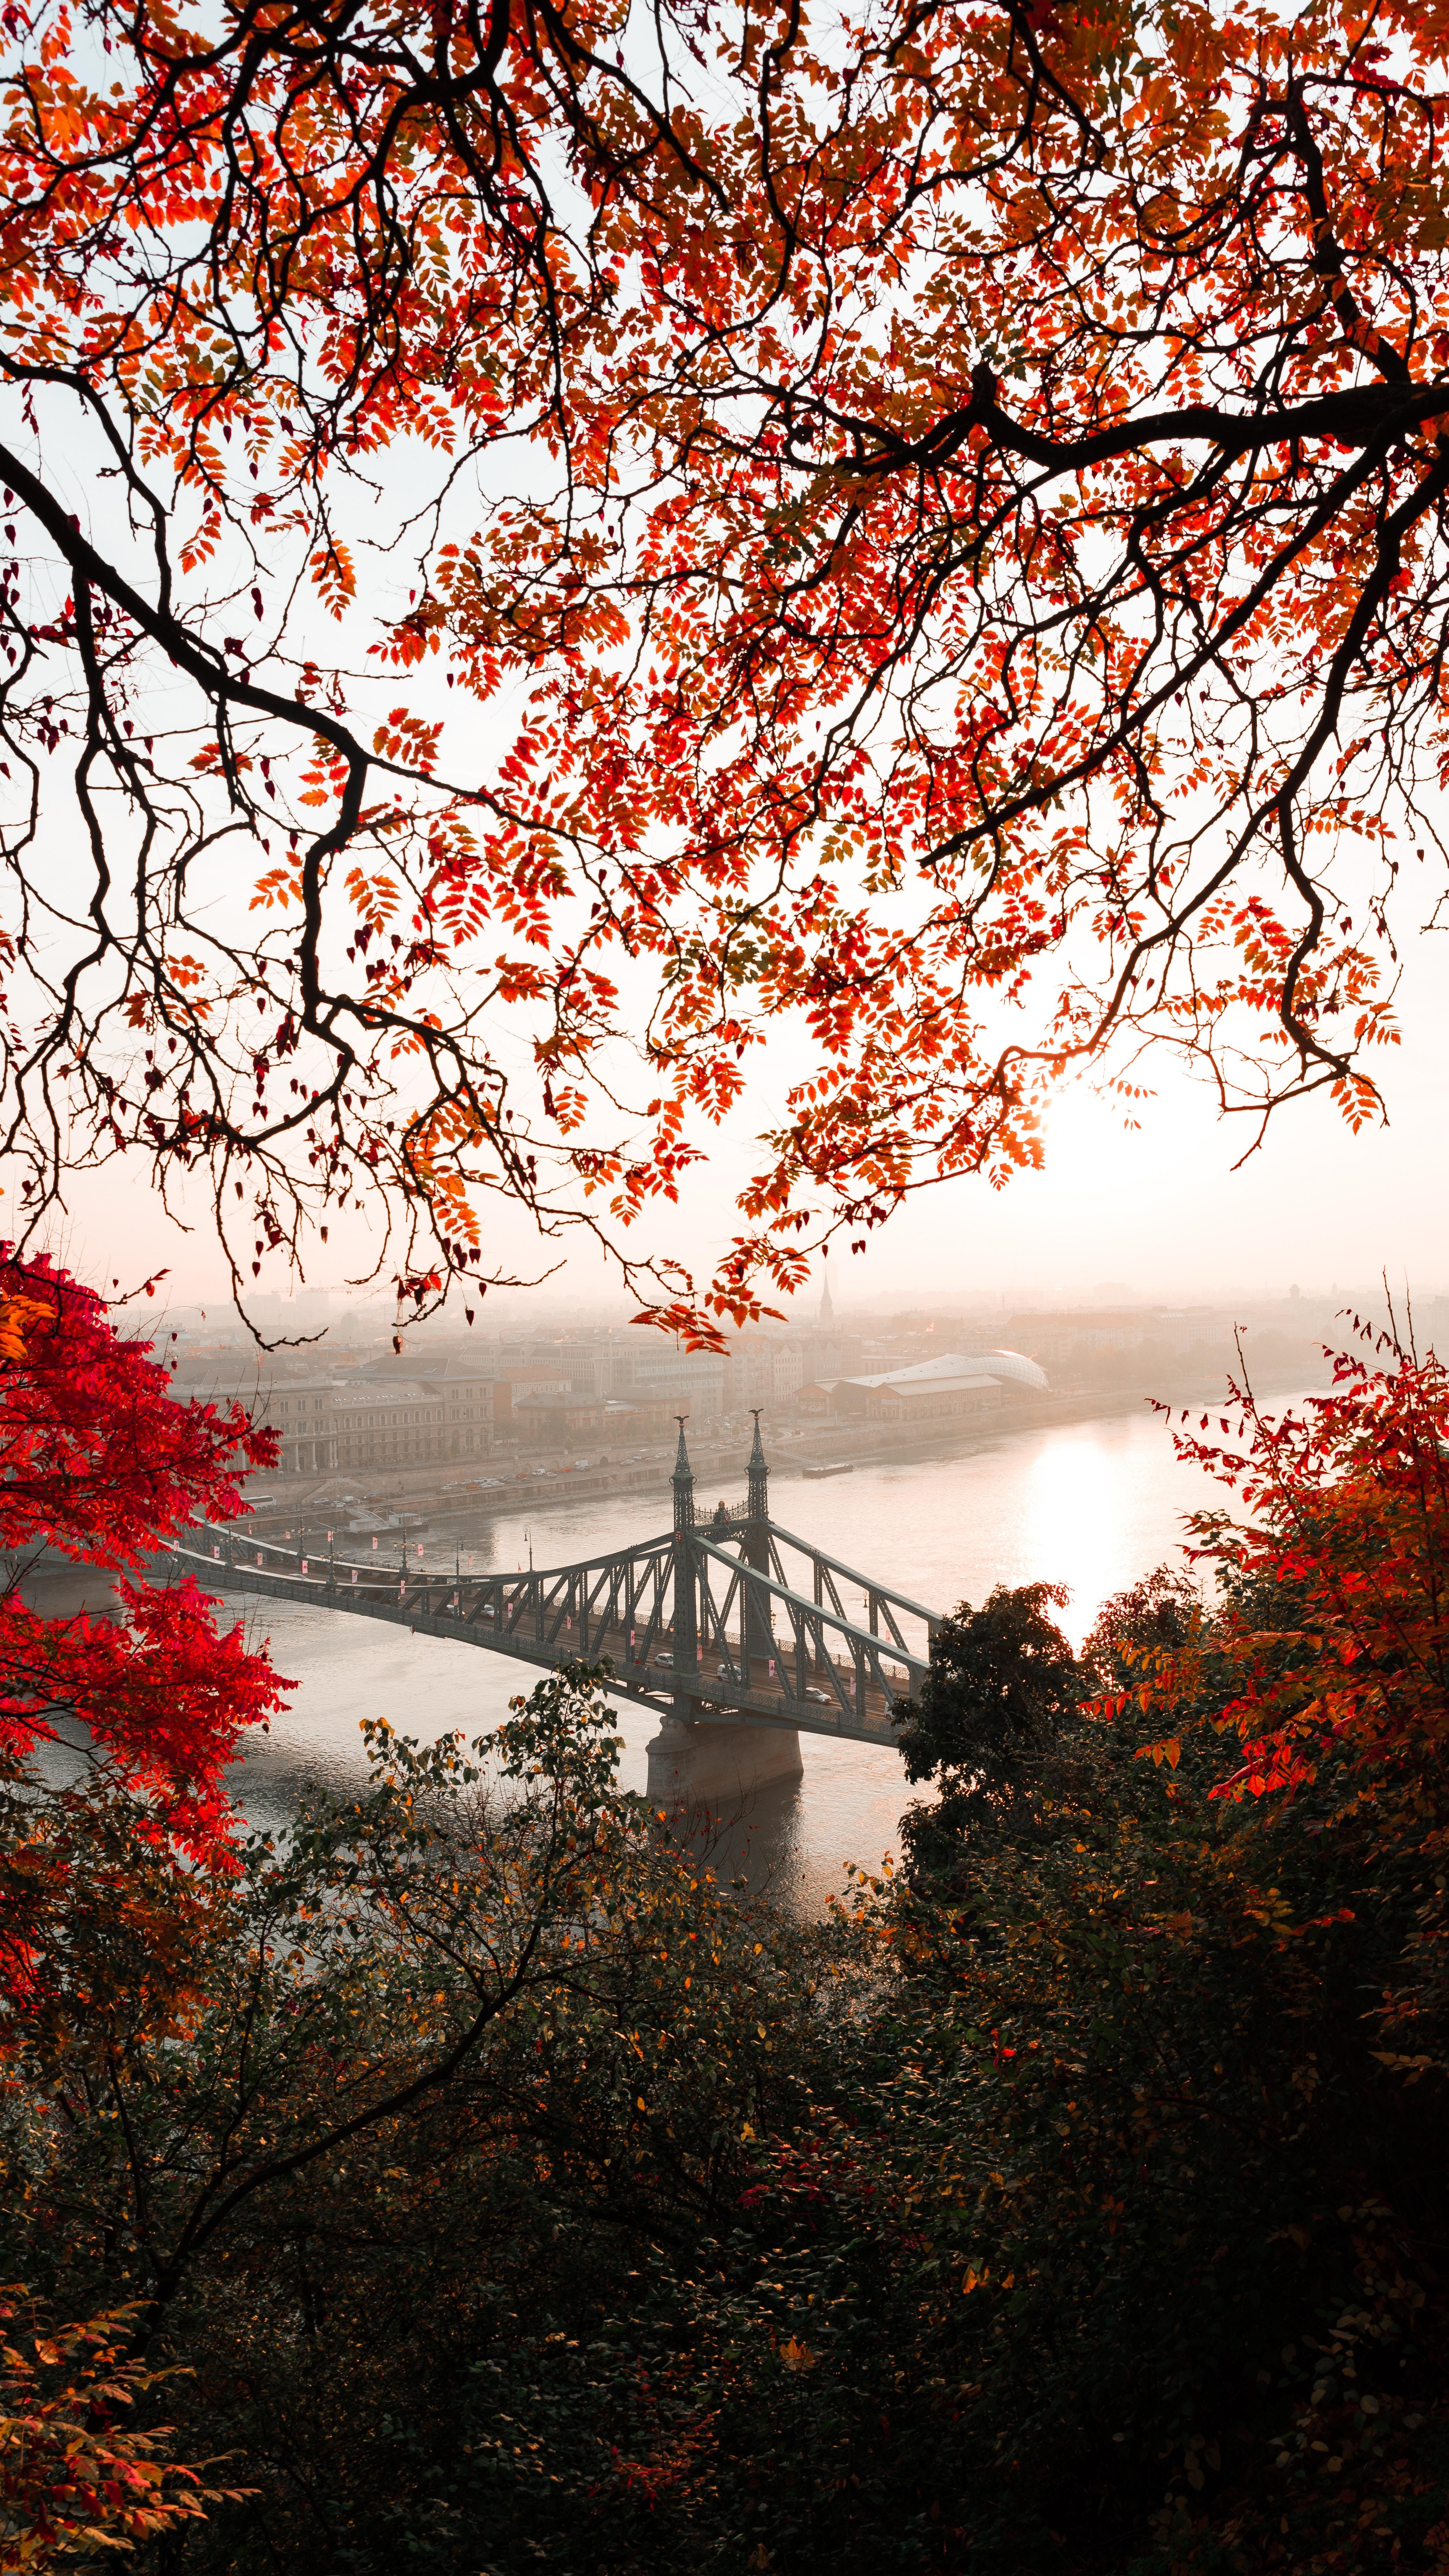 134435 Заставки и Обои Города на телефон. Скачать Мост, Осень, Город, Цитадель, Будапешт, Венгрия, Города картинки бесплатно